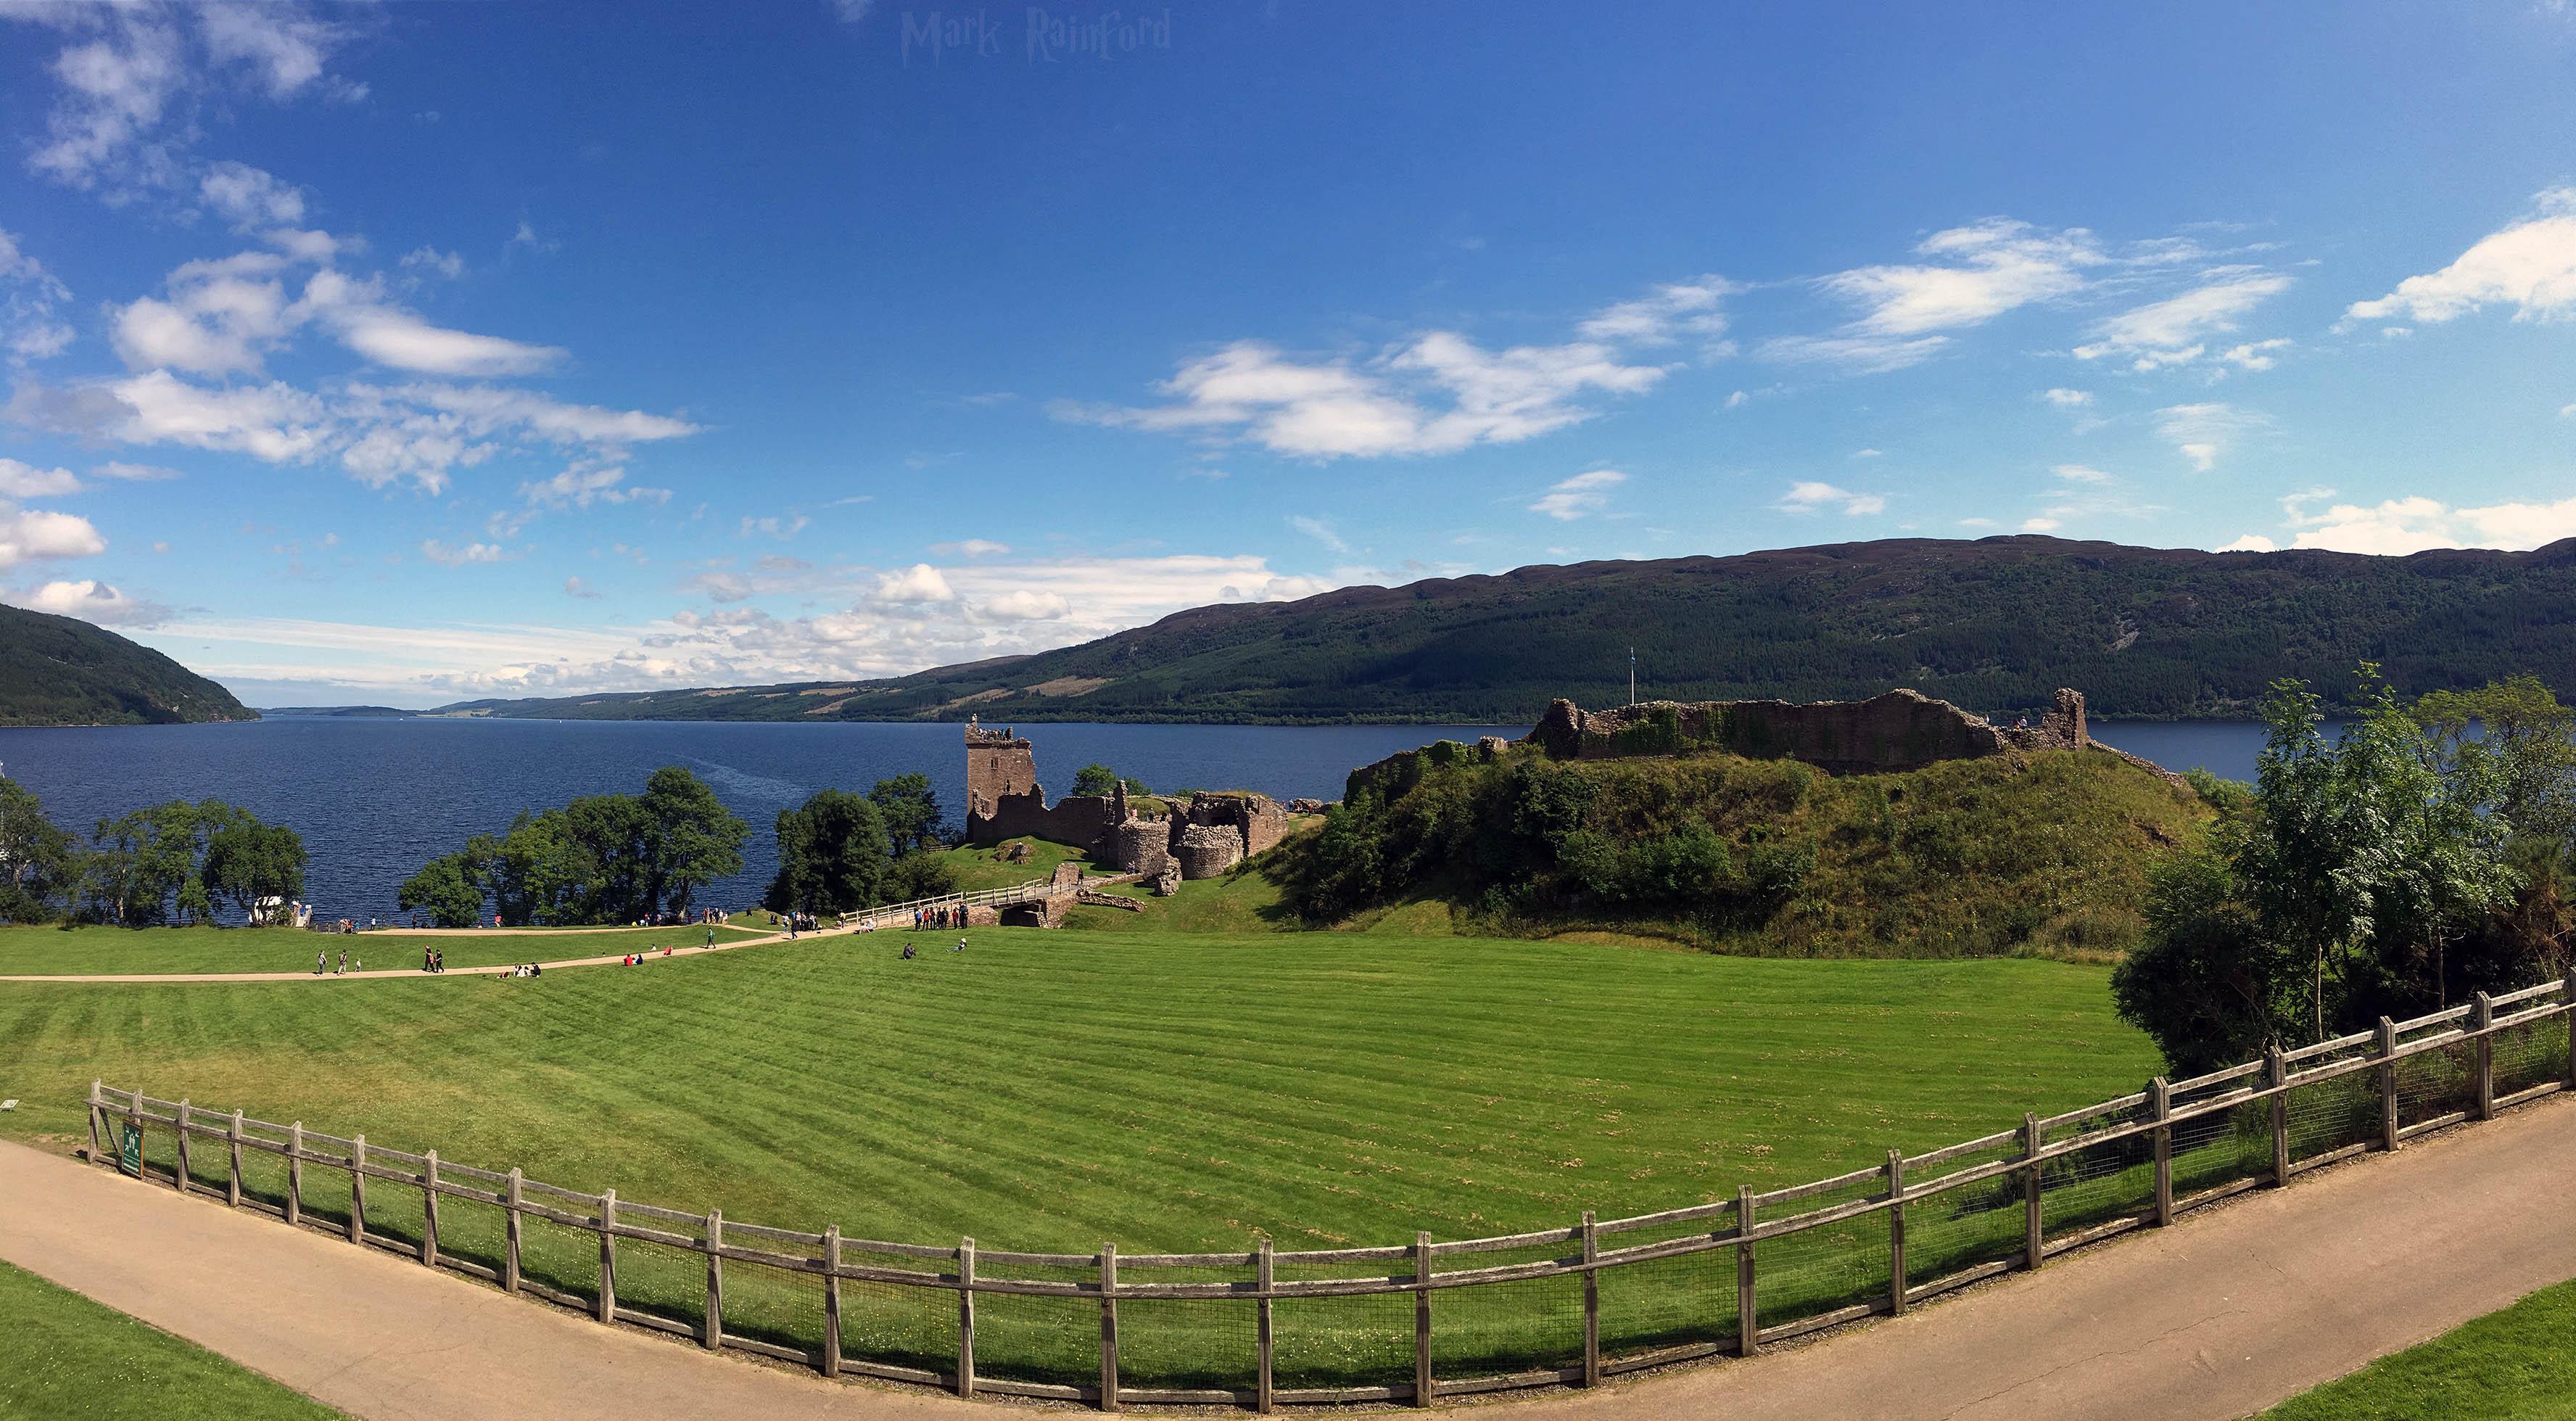 Panoramic - Urquhart Castle